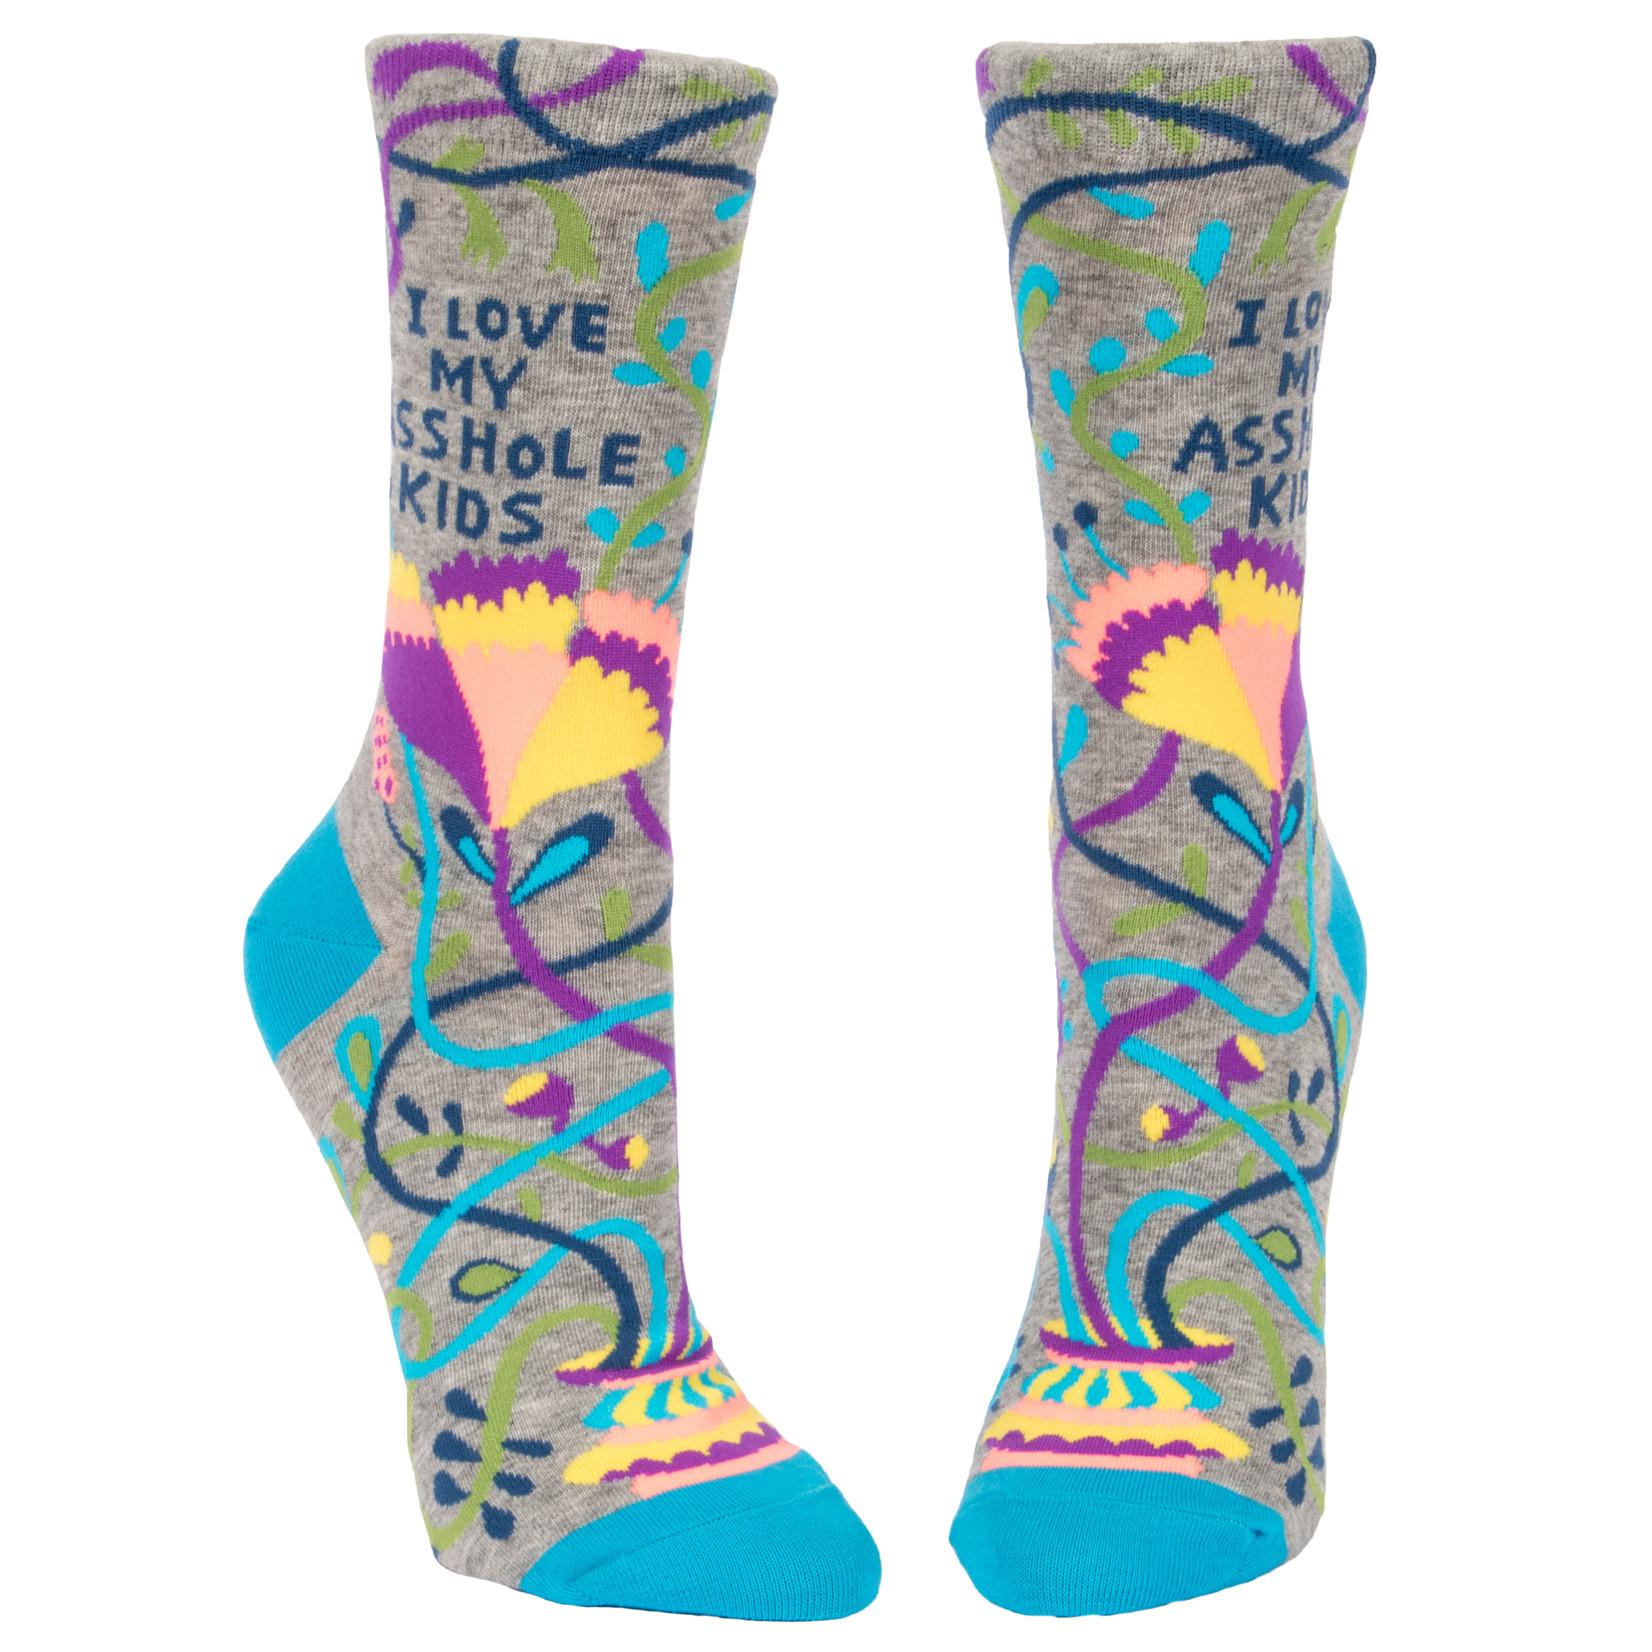 Blue Q Love My Asshole Kids W - Crew Socks